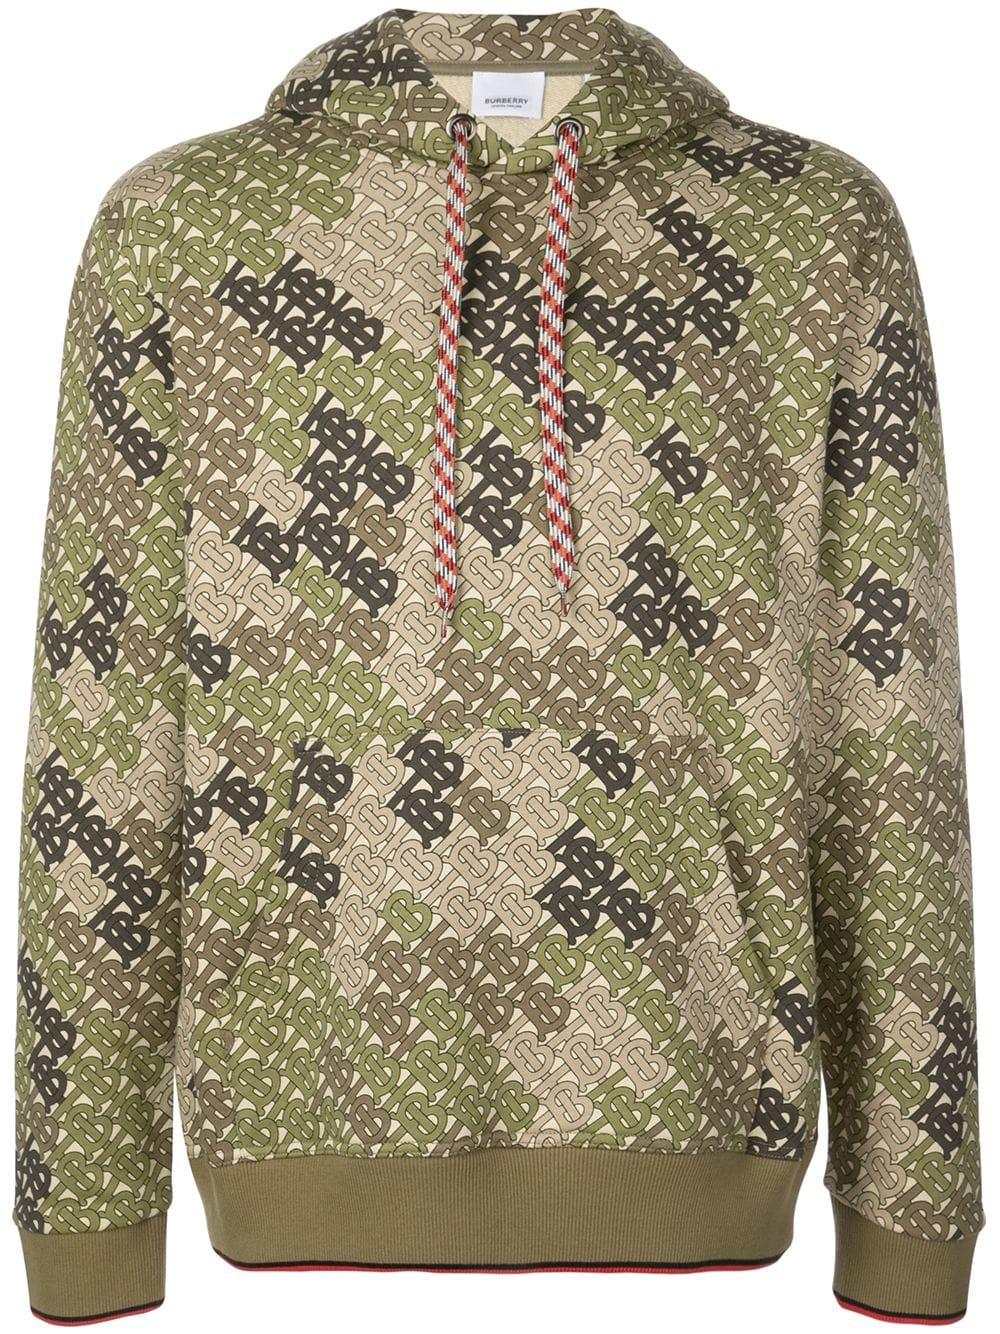 Burberry Burberry Monogram Print Hoodie Green Burberry Cloth Hoodie Print Hooded Sweatshirts Camouflage Hoodie [ 1334 x 1000 Pixel ]